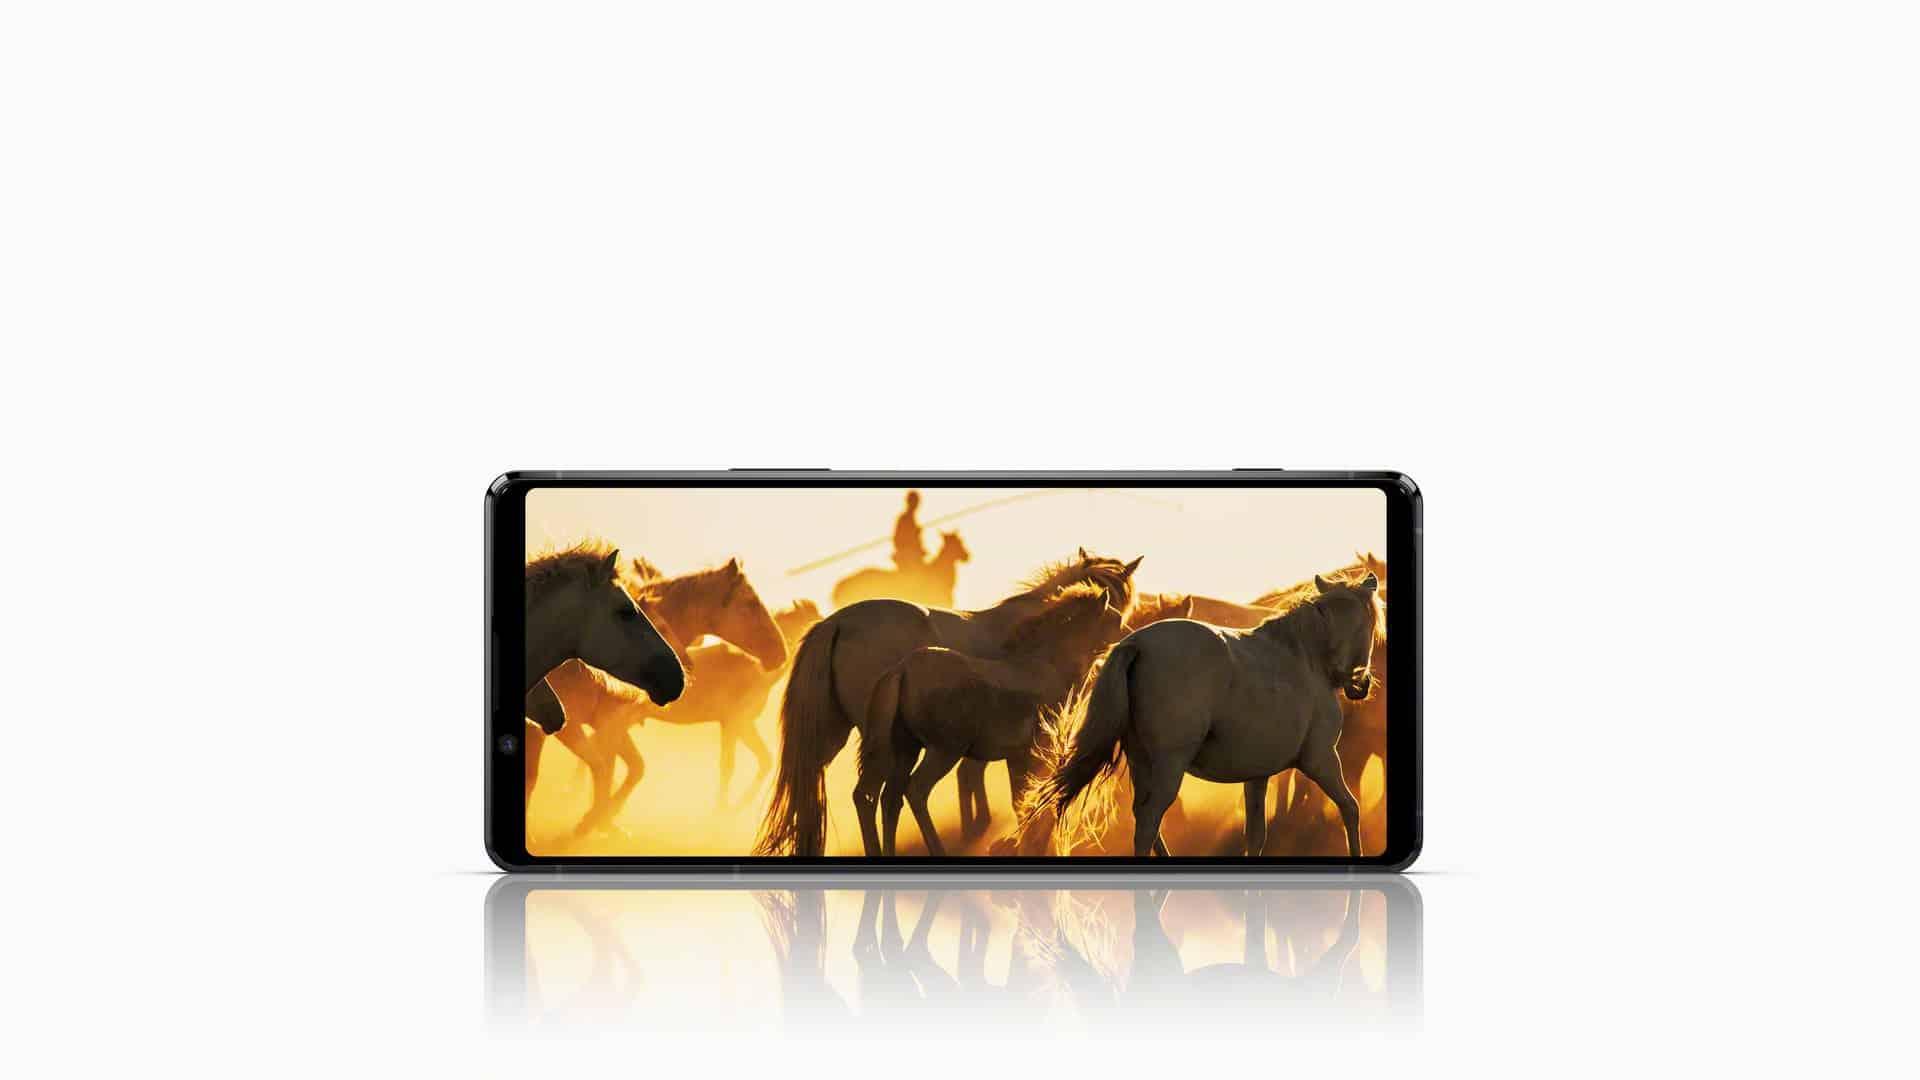 Sony Xperia 1 II image 11